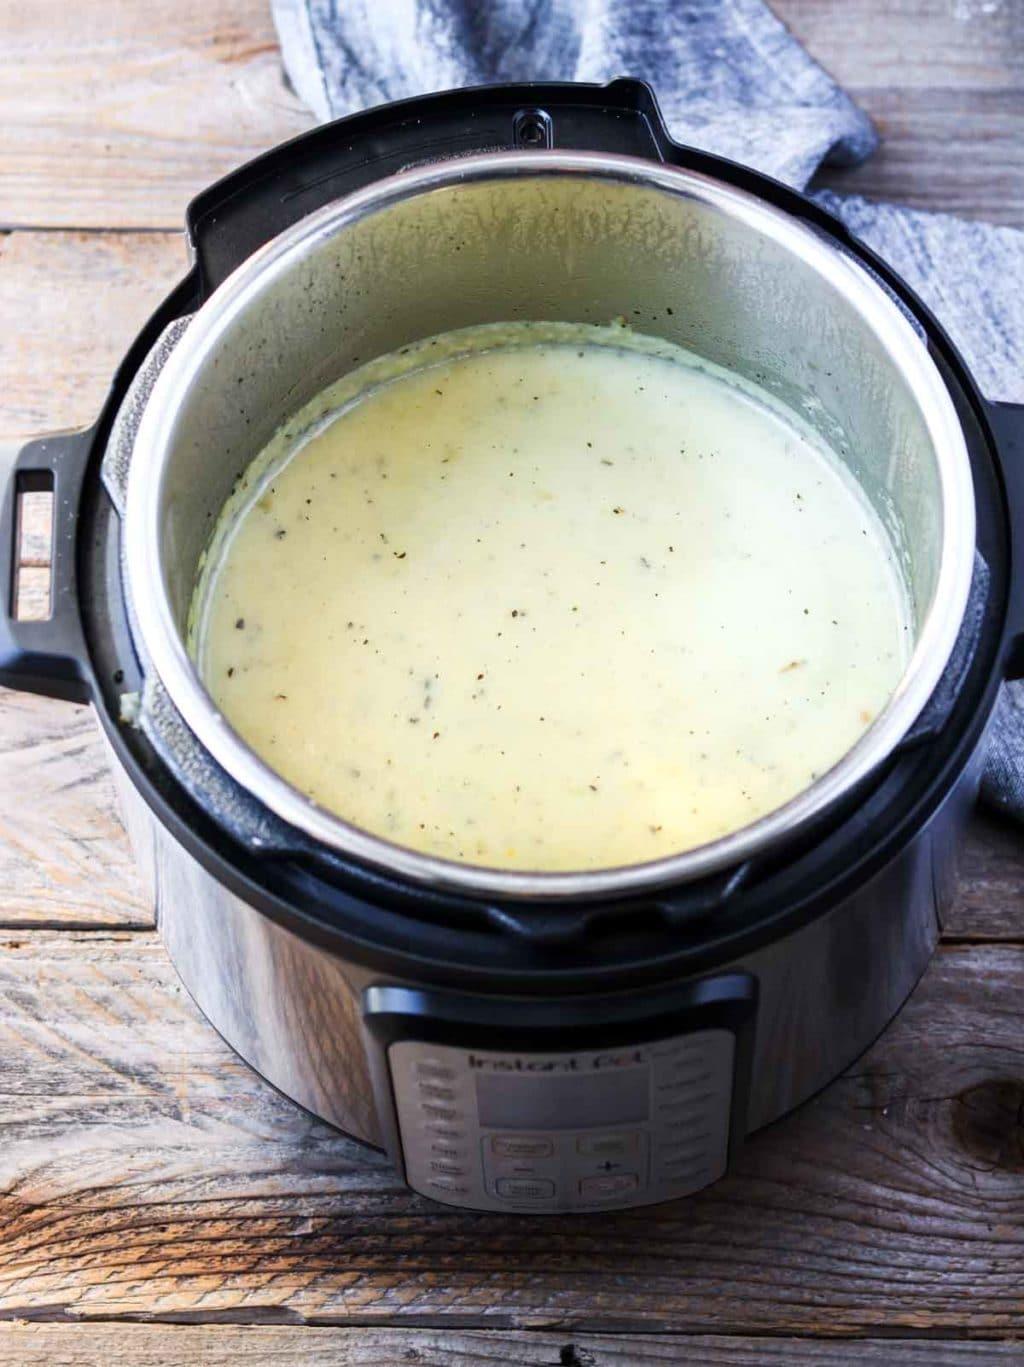 Instant Pot with Potato Soup